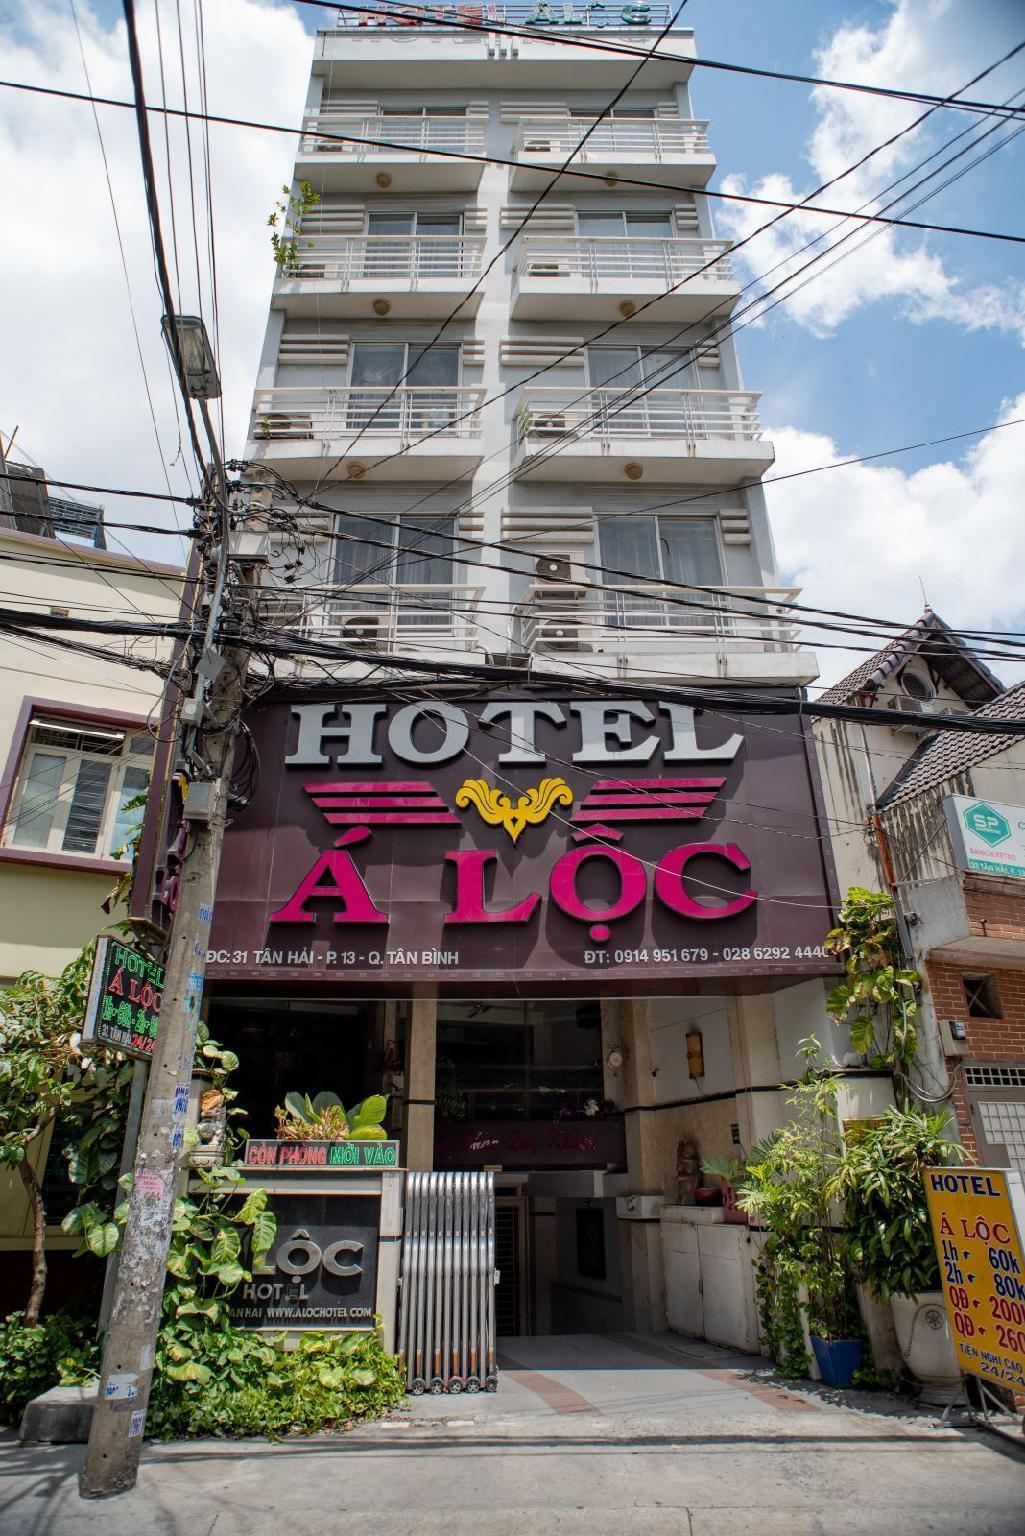 A LOC HOTEL TAN BINH